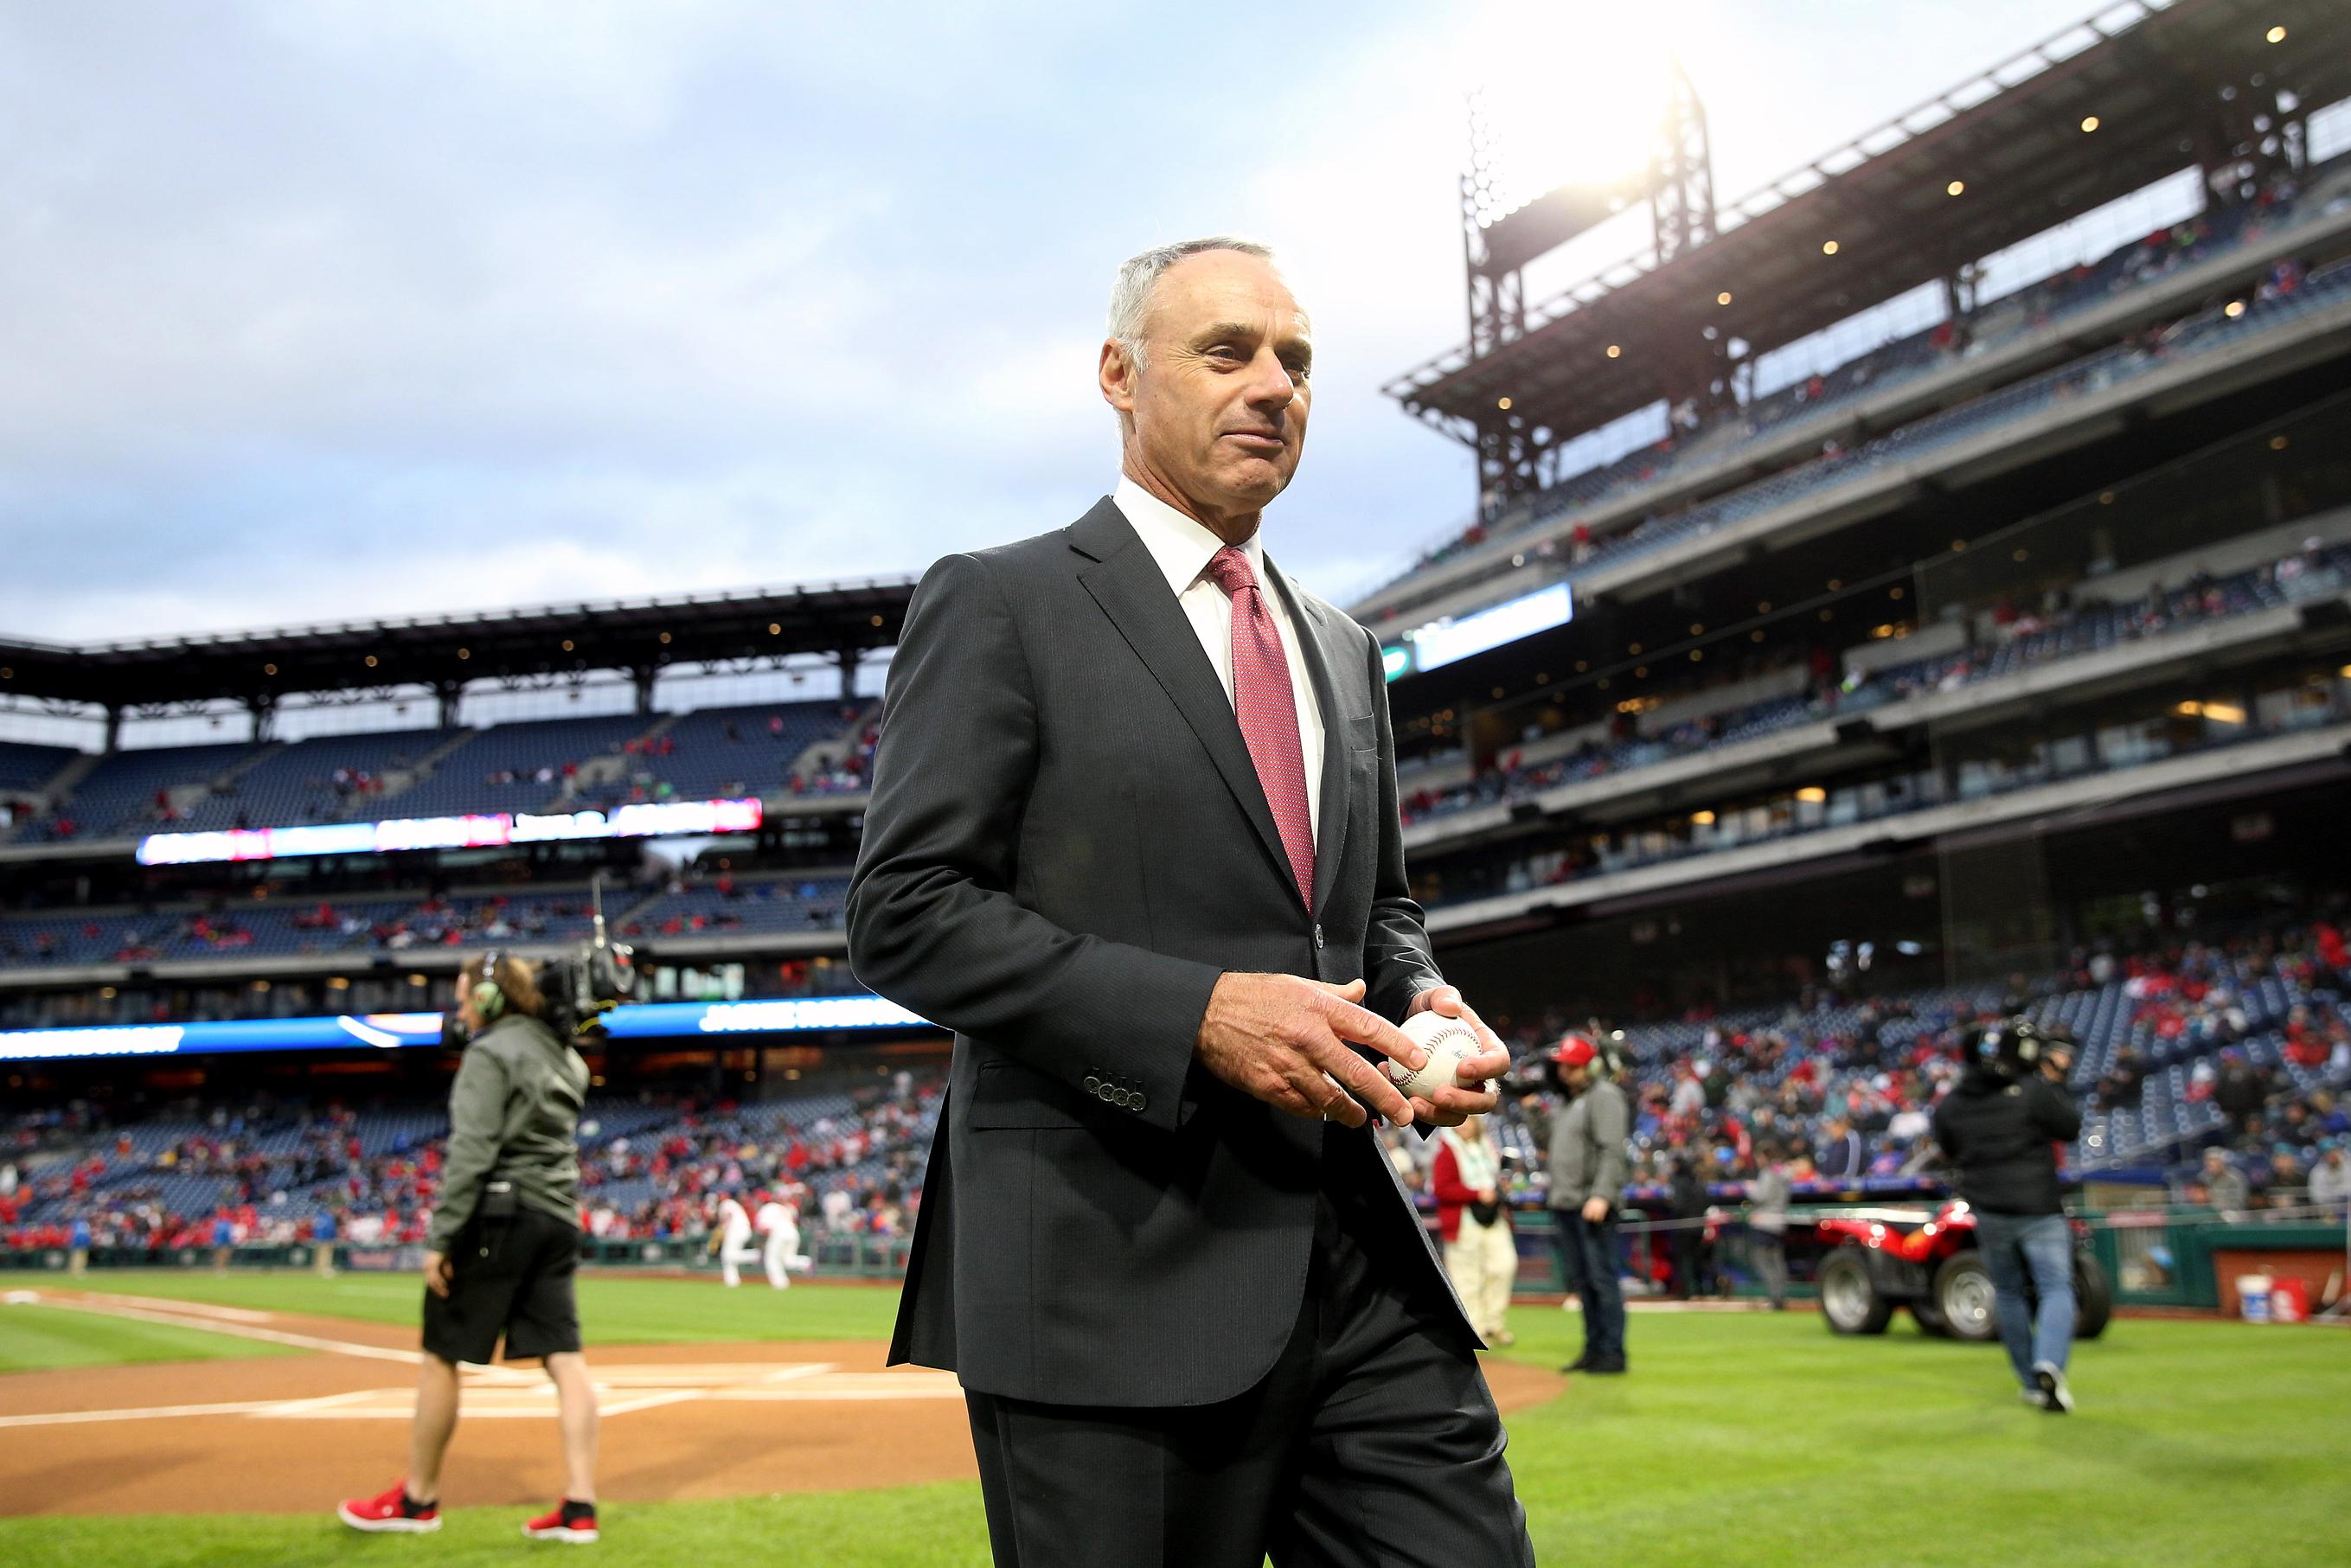 Philadelphia Phillies v. New York Mets